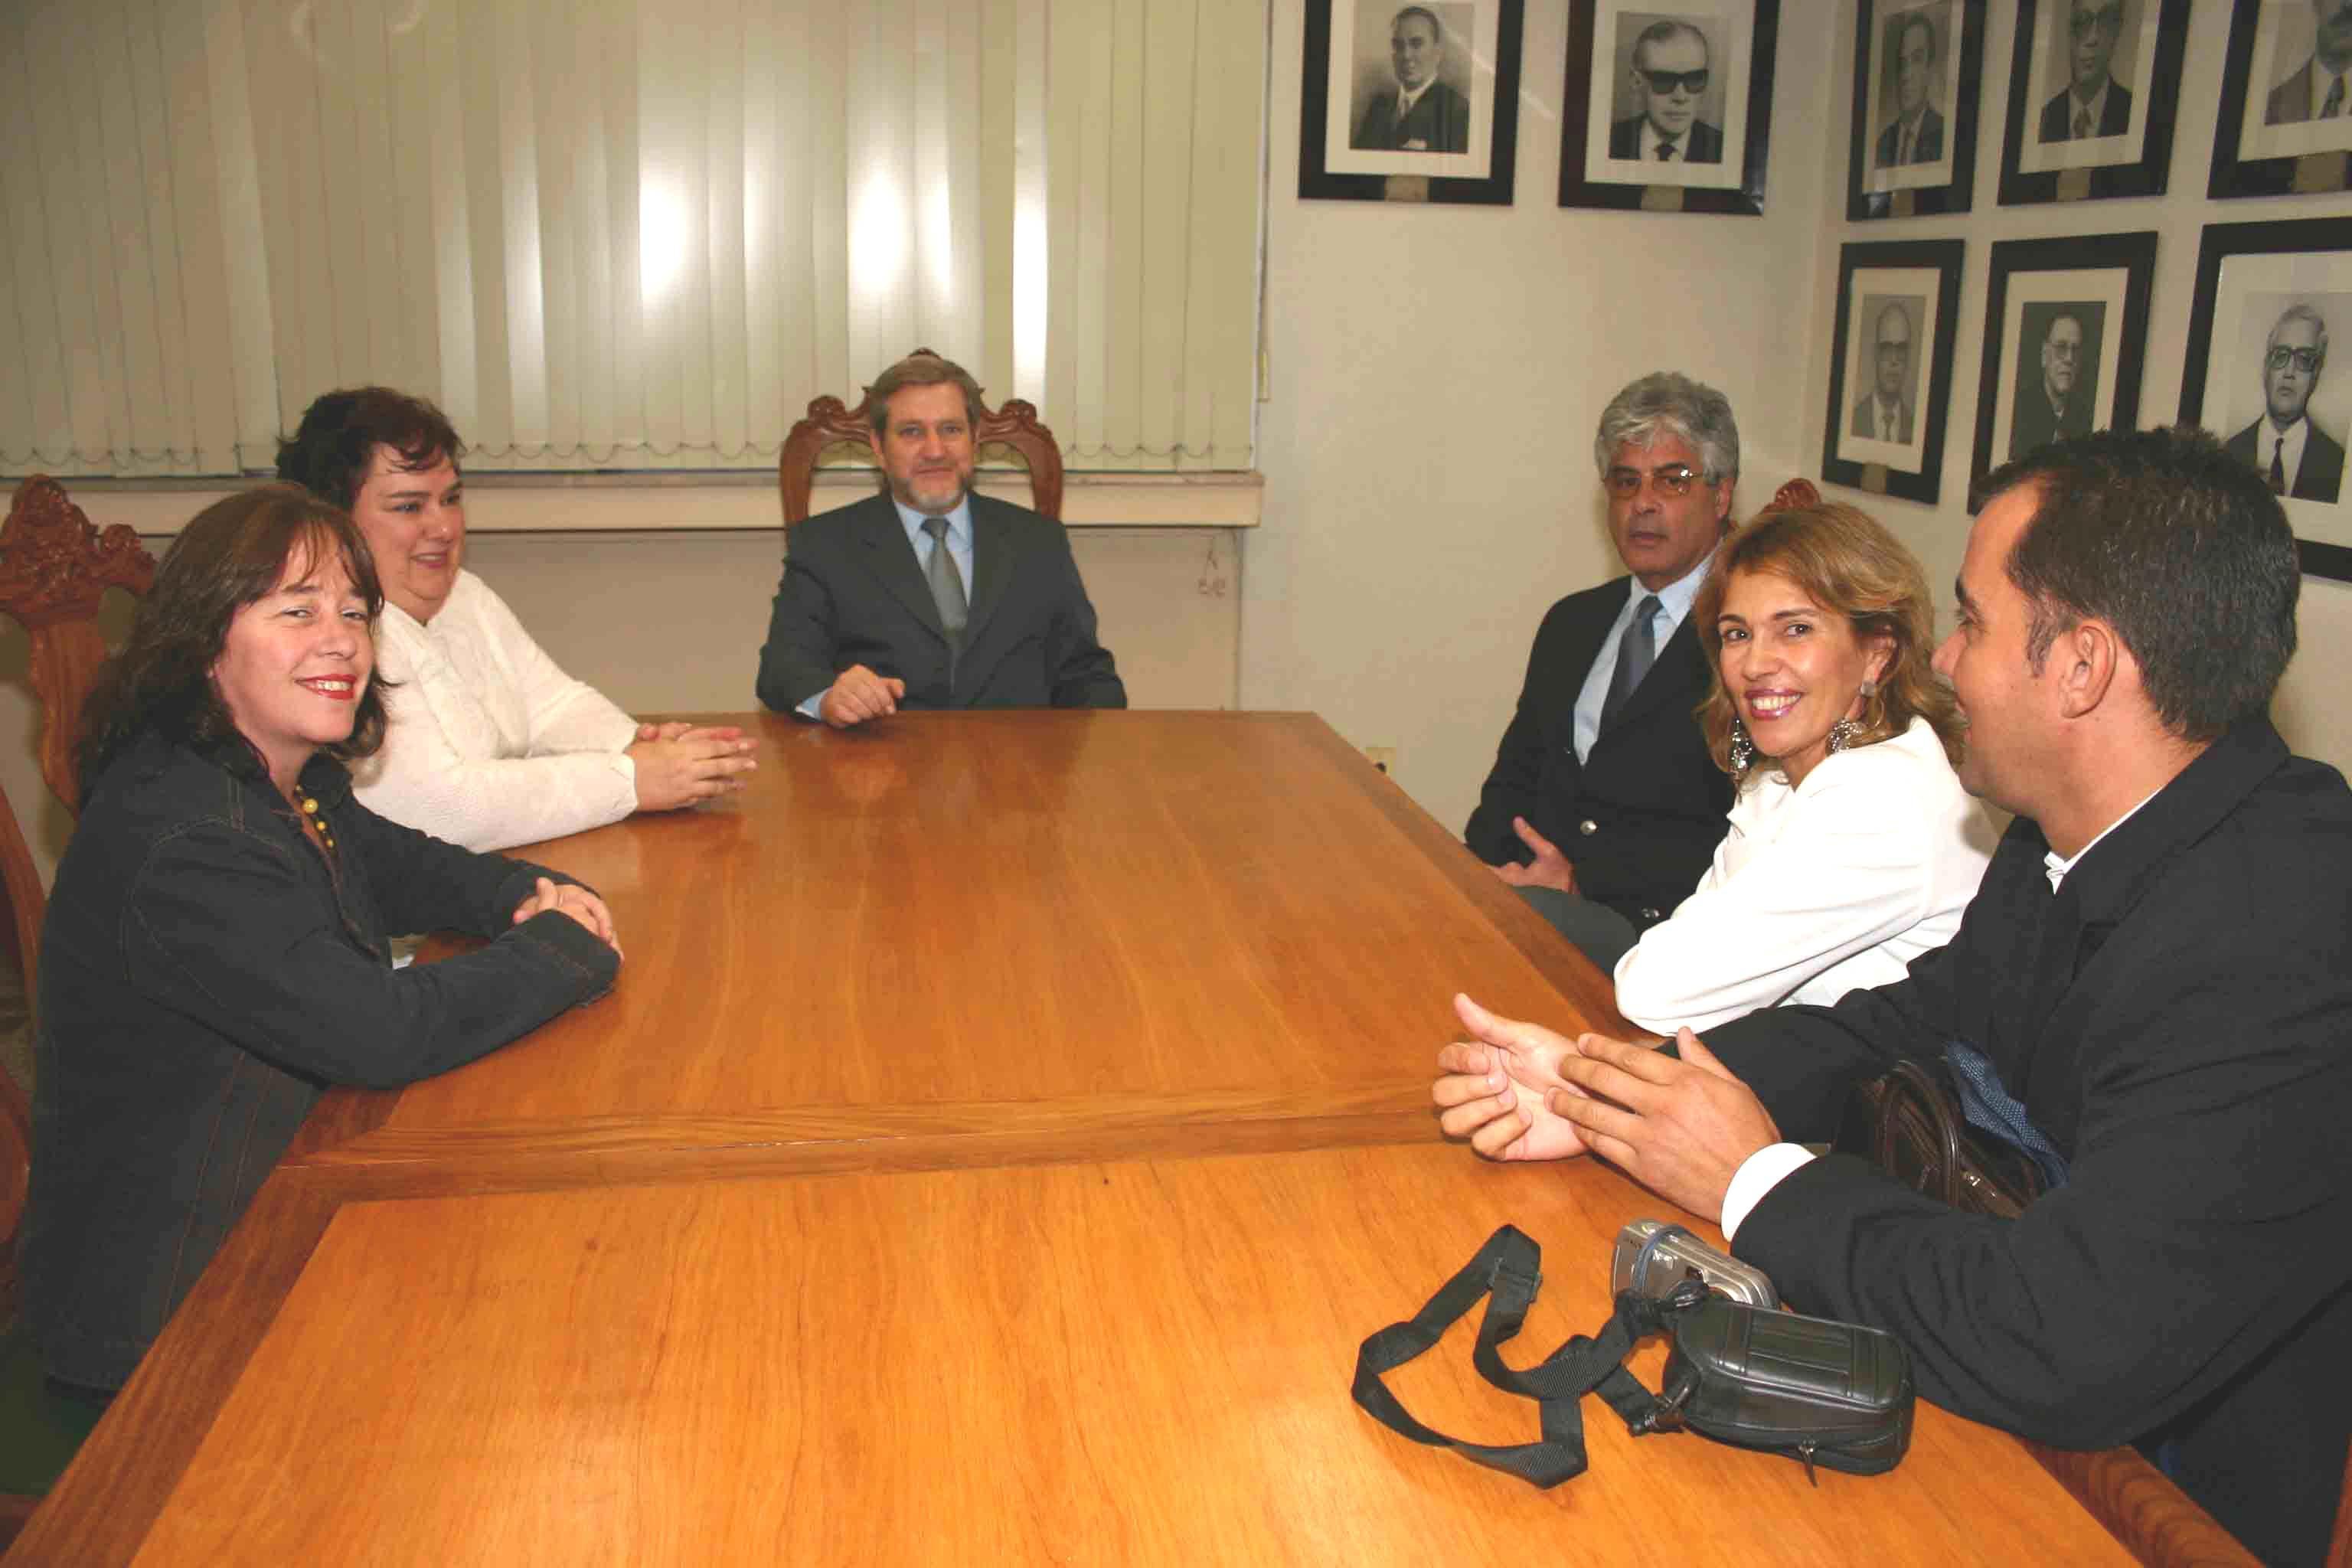 Presidente recebe representantes de Oficiais de Justiça (imagem 1)